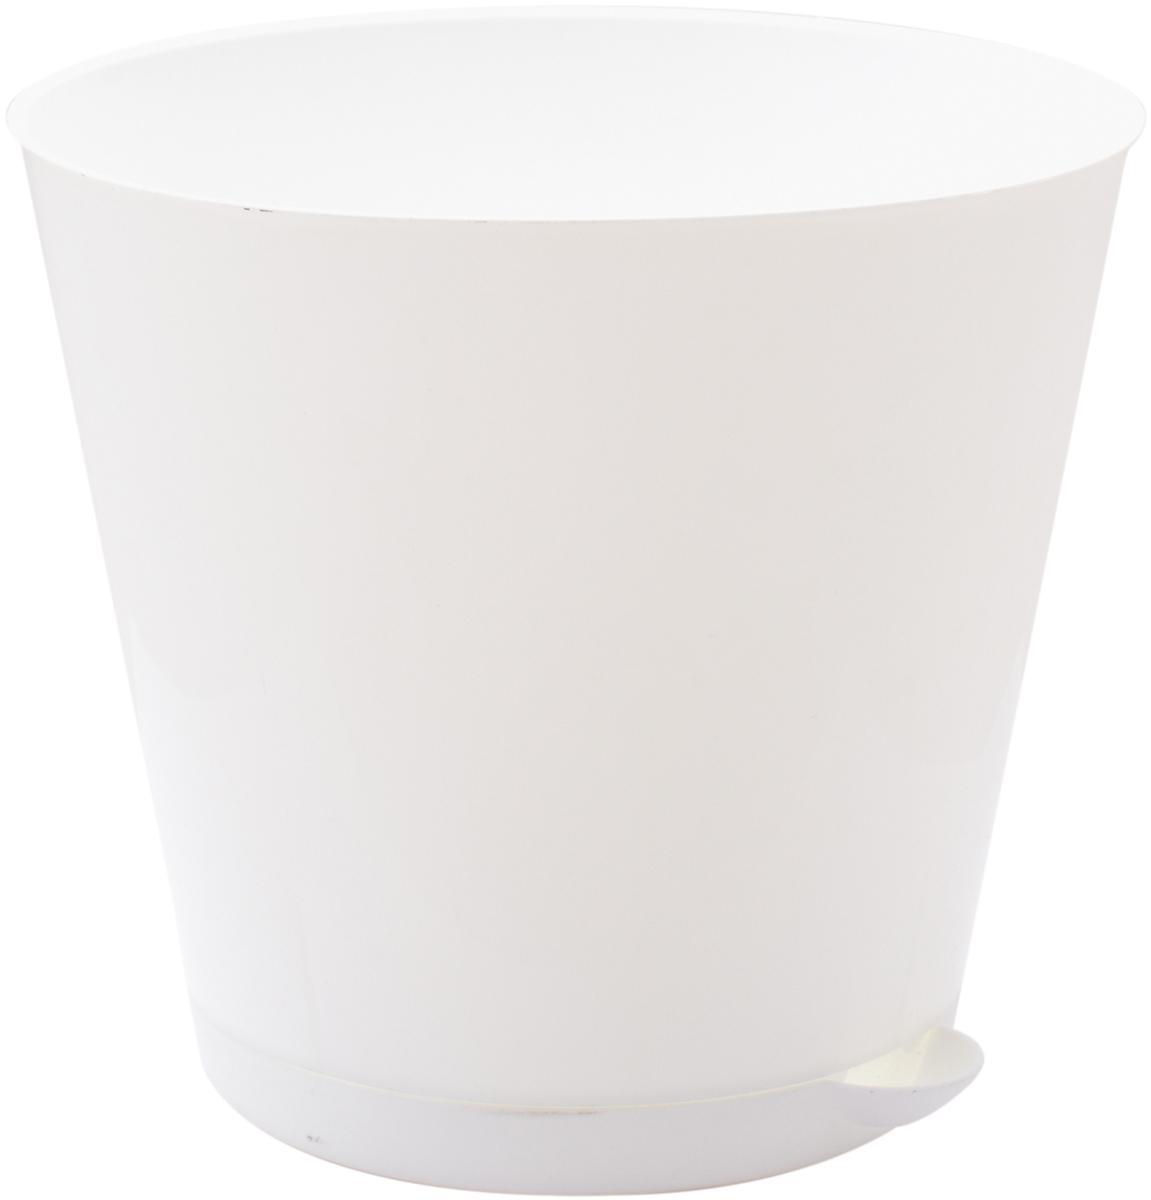 """Горшок для цветов InGreen """"Крит"""", с системой прикорневого полива, цвет: белый, диаметр 25,4 см"""